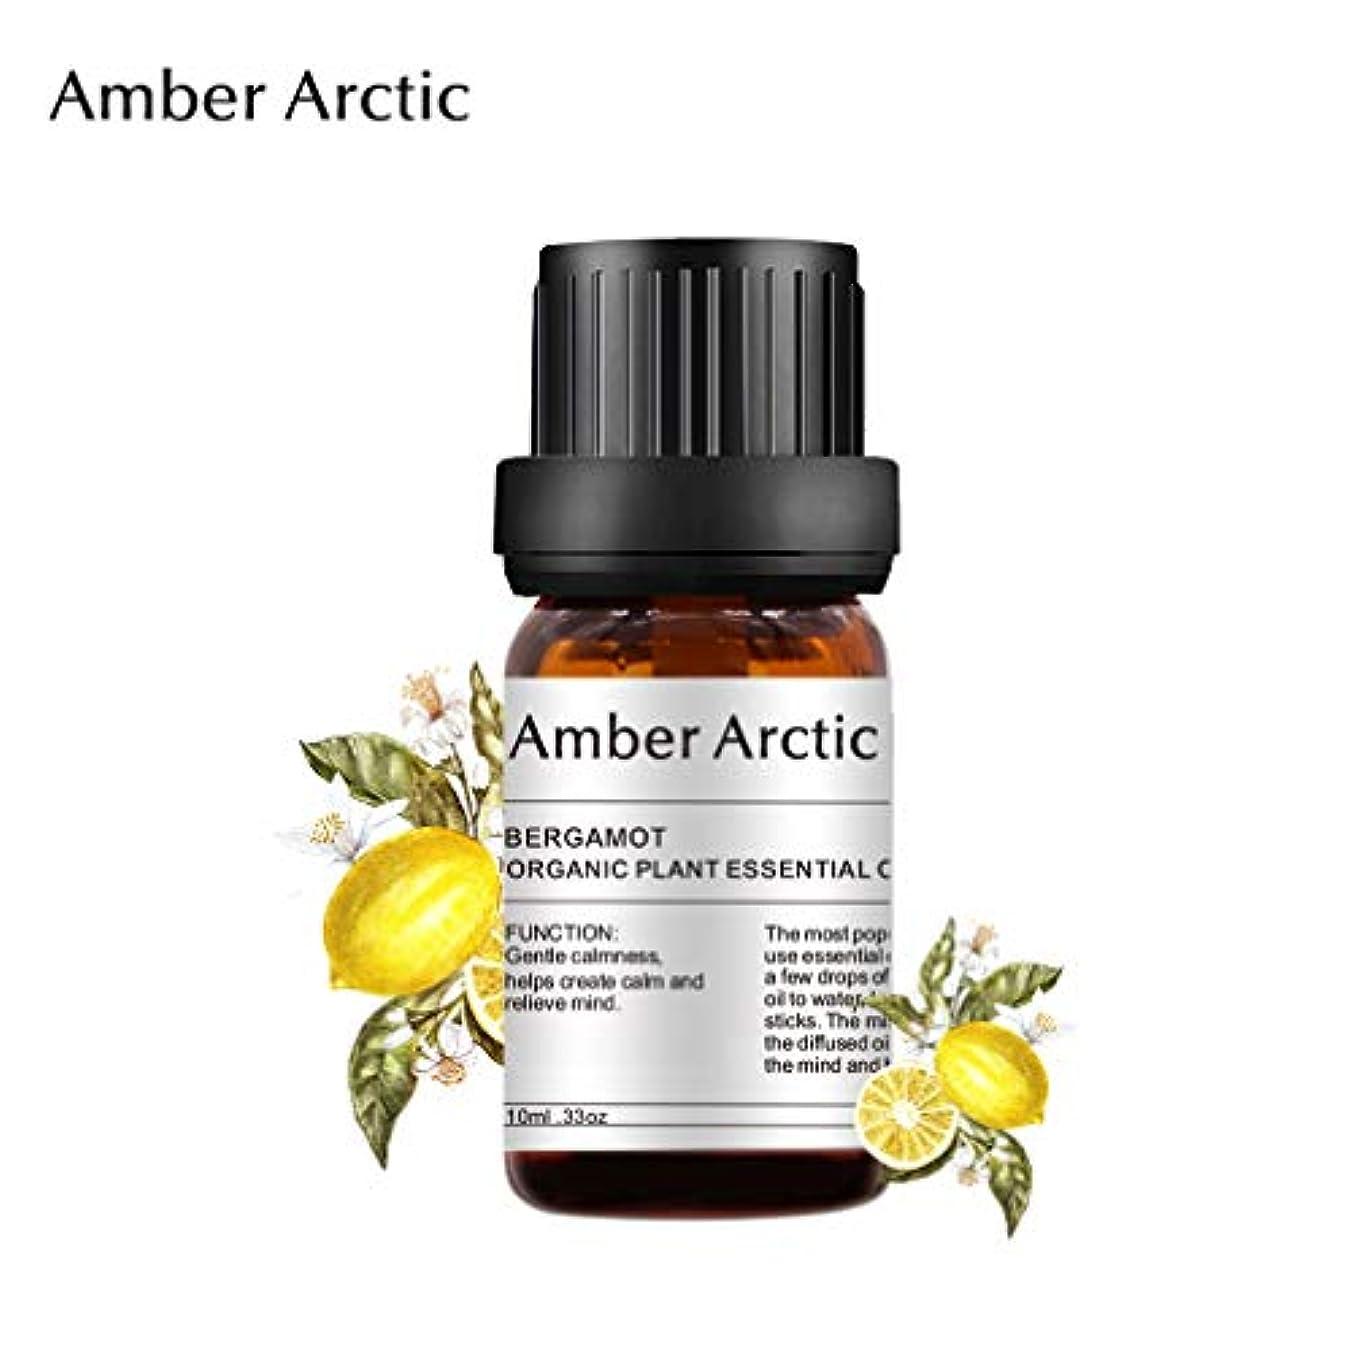 AMBER ARCTIC エッセンシャル オイル ディフューザー 用 100% 純粋 新鮮 有機 植物 療法 ベルガモット オイル 10Ml/0.33Oz ベルガモット